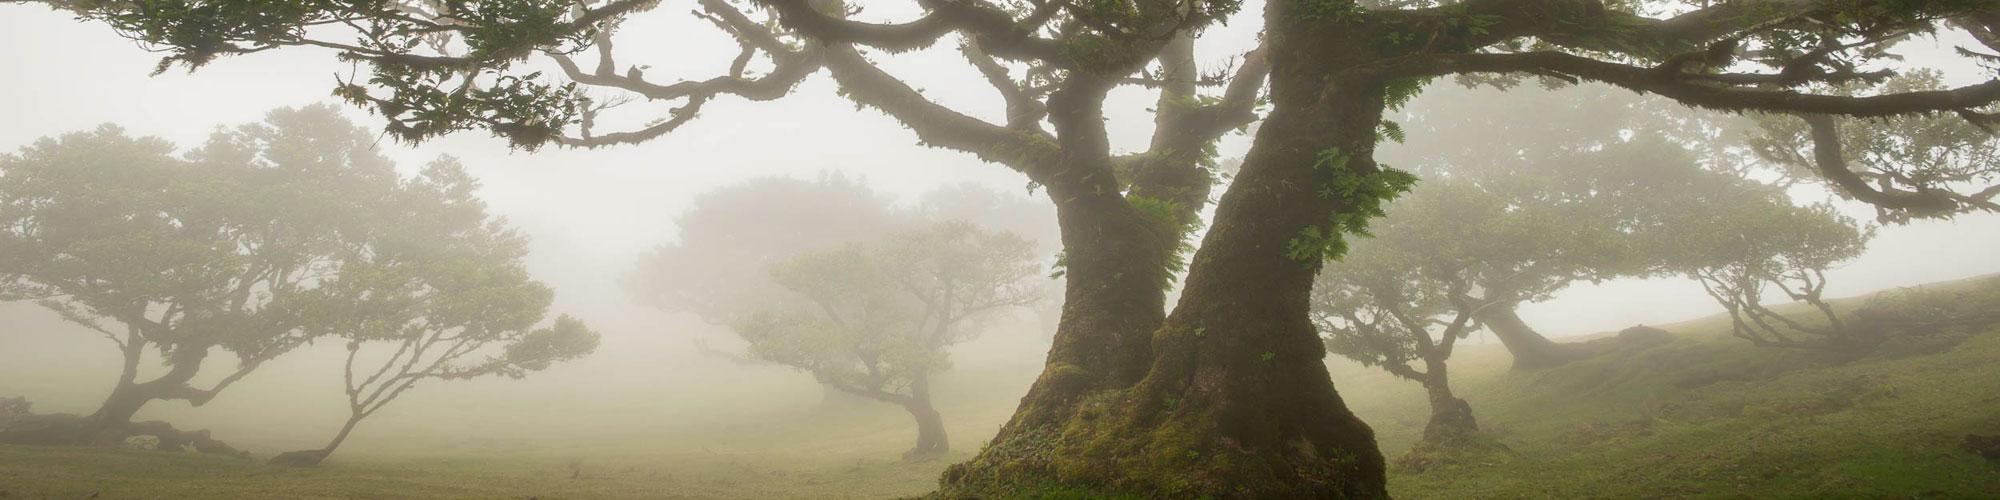 ©Wilco Dragt - Madeira